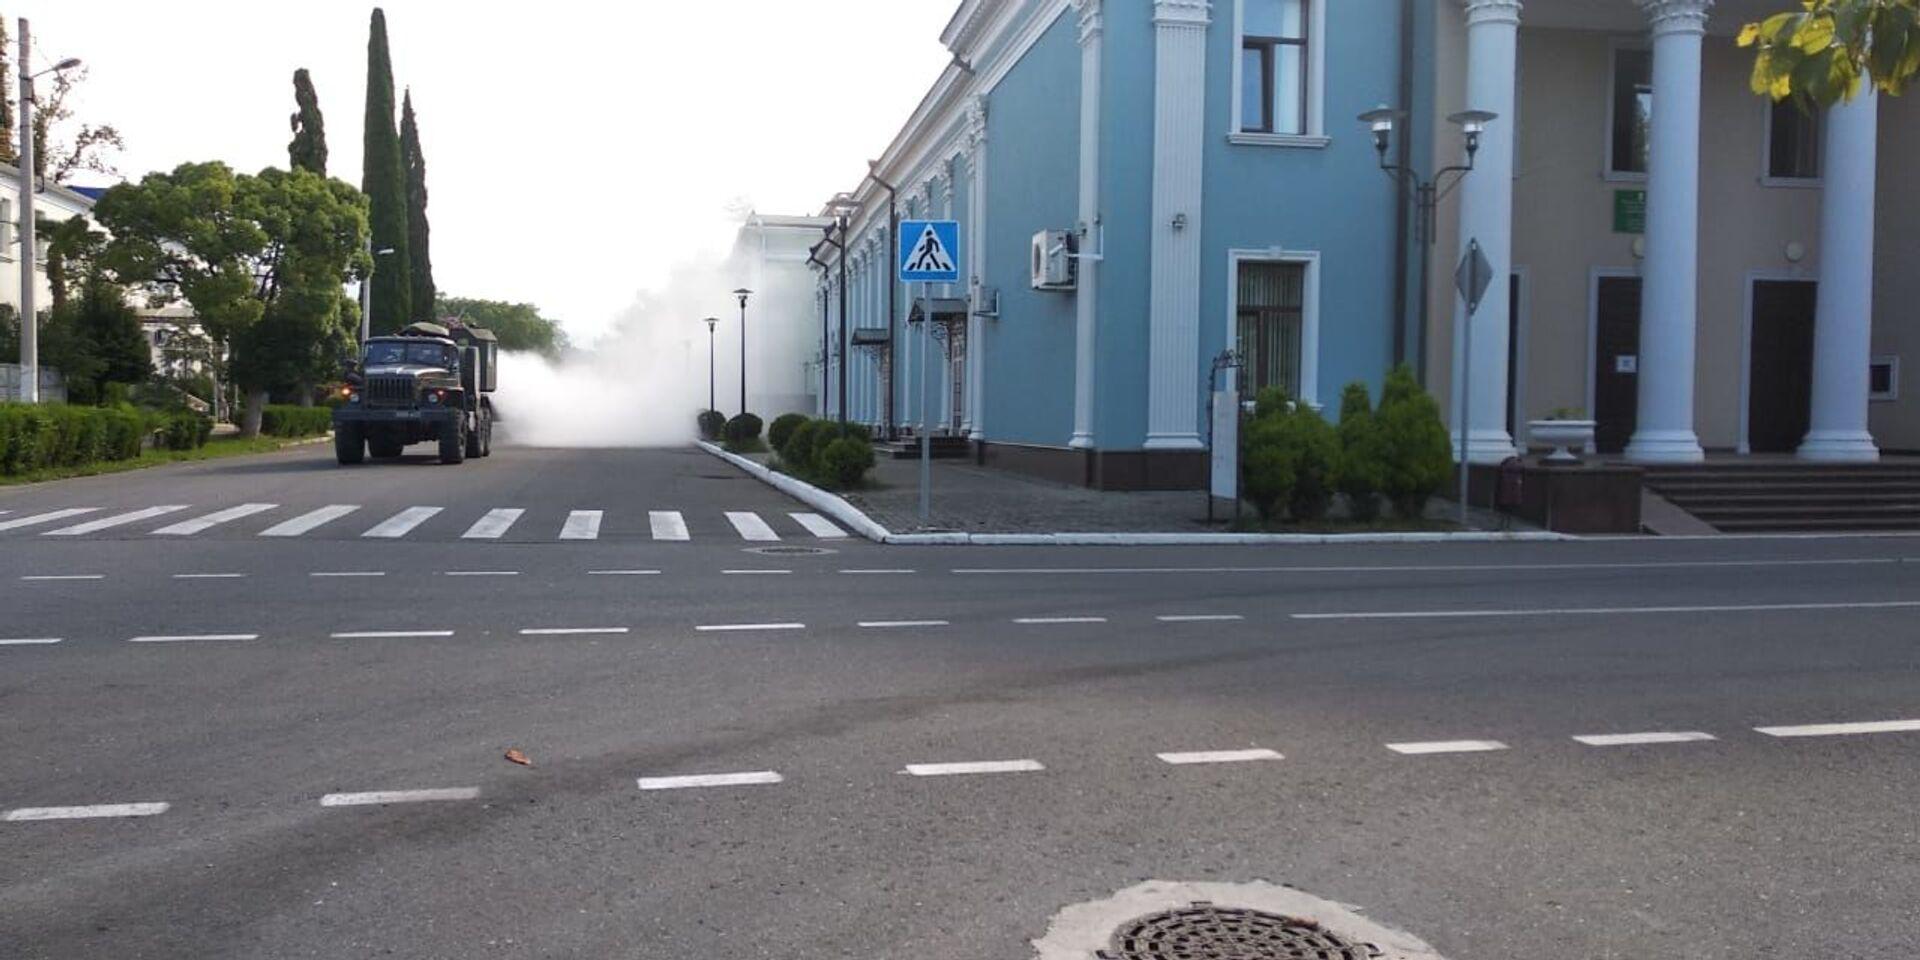 Специалисты РХБ защиты ЮВО продезинфицировали около 120 тысяч кв. м социальной инфраструктуры в Гудауте - Sputnik Абхазия, 1920, 12.10.2021